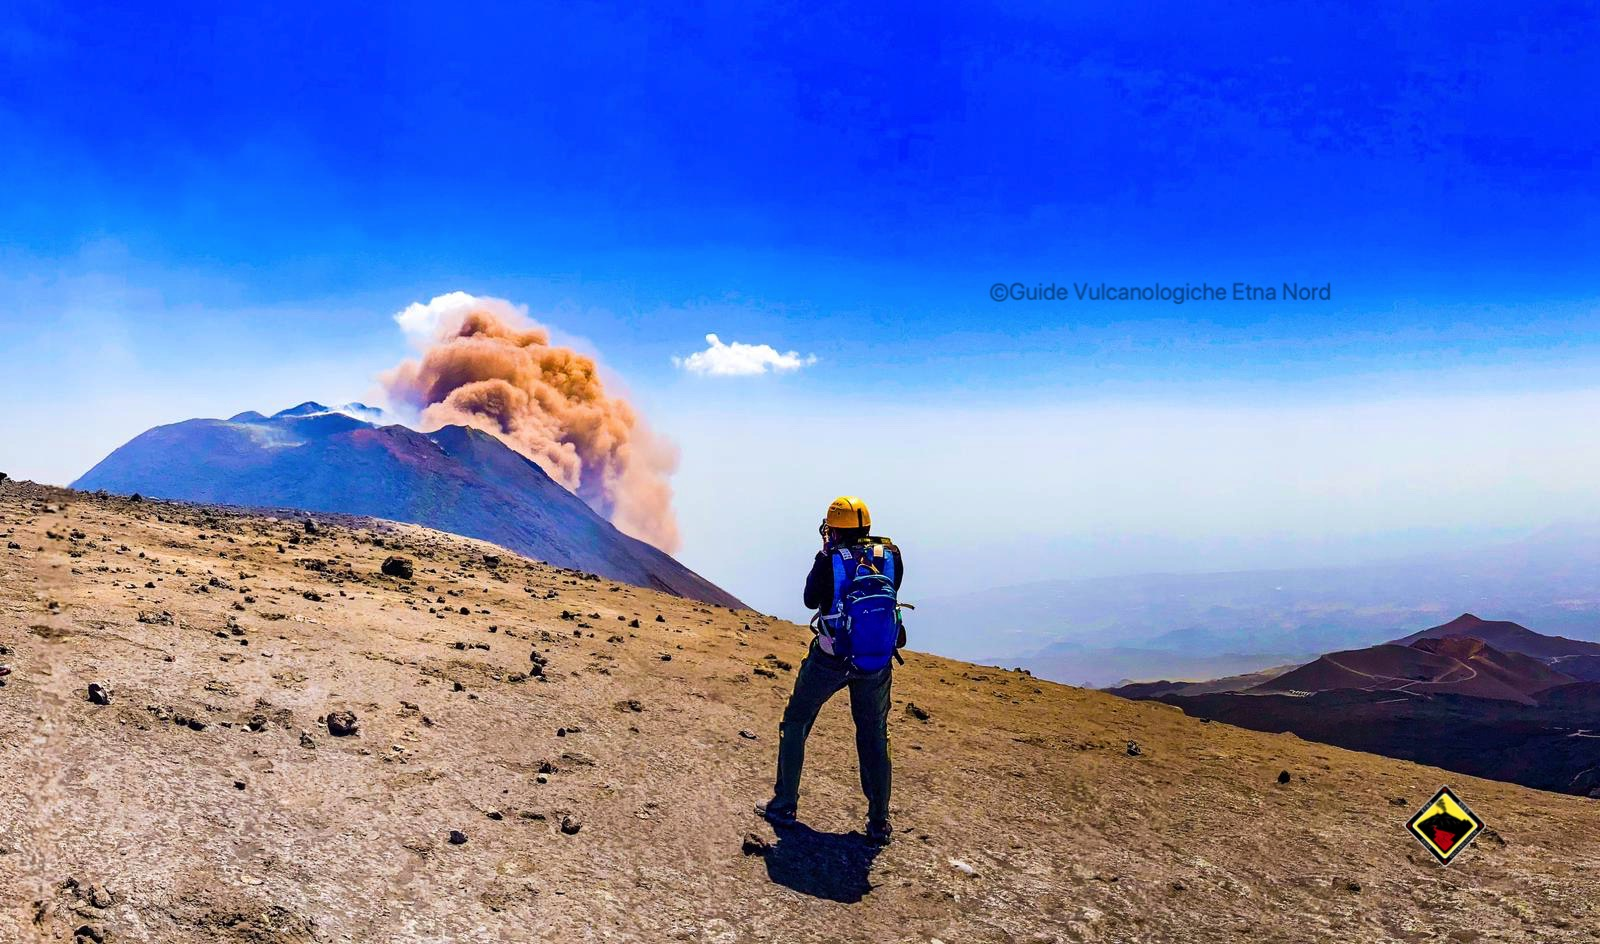 Ti serve una guida per salire in cima all'Etna??